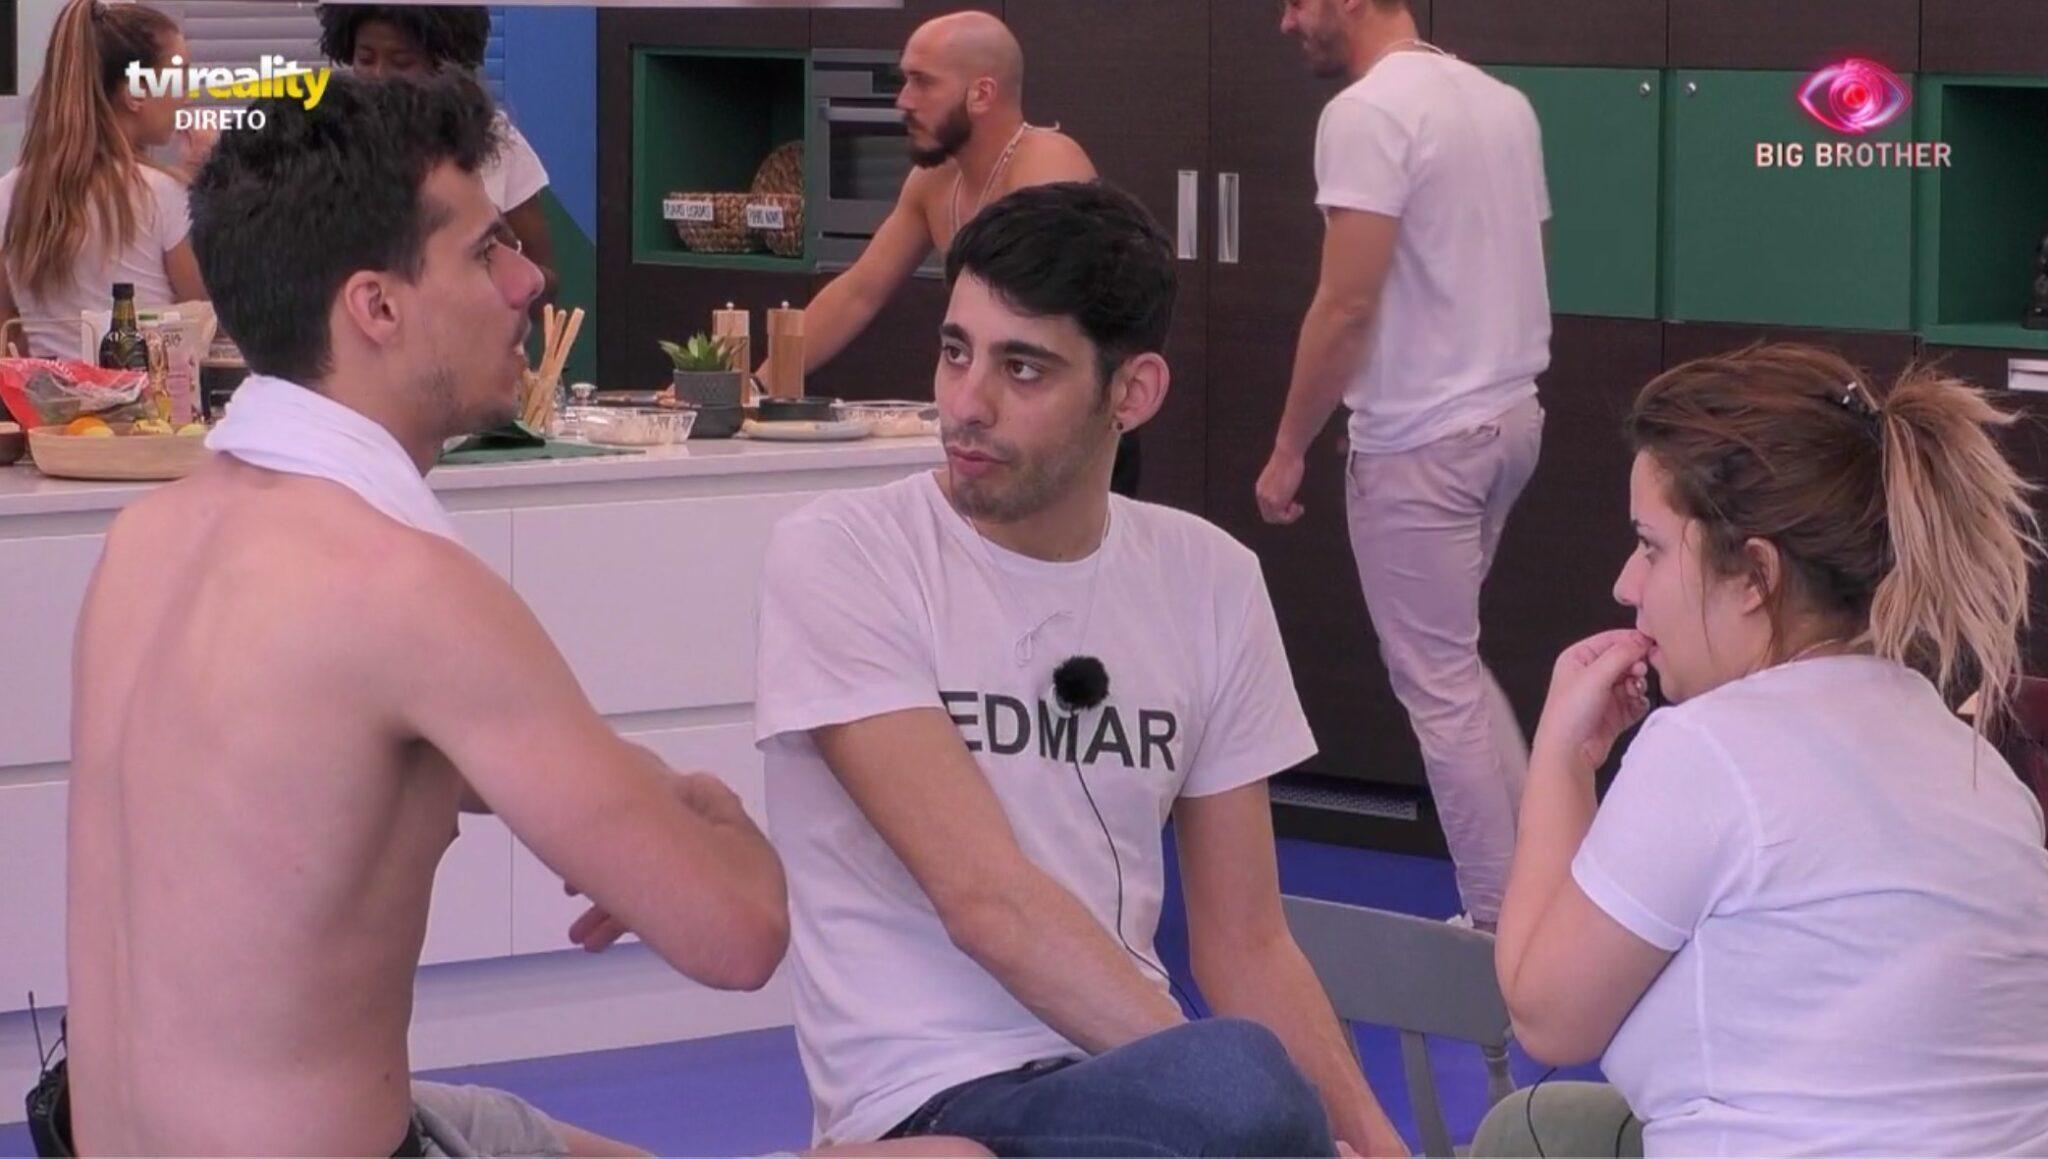 Edmar Pedro Alves E Sandrina Scaled Edmar Ganha &Quot;Uma Miséria&Quot; No Big Brother 2020